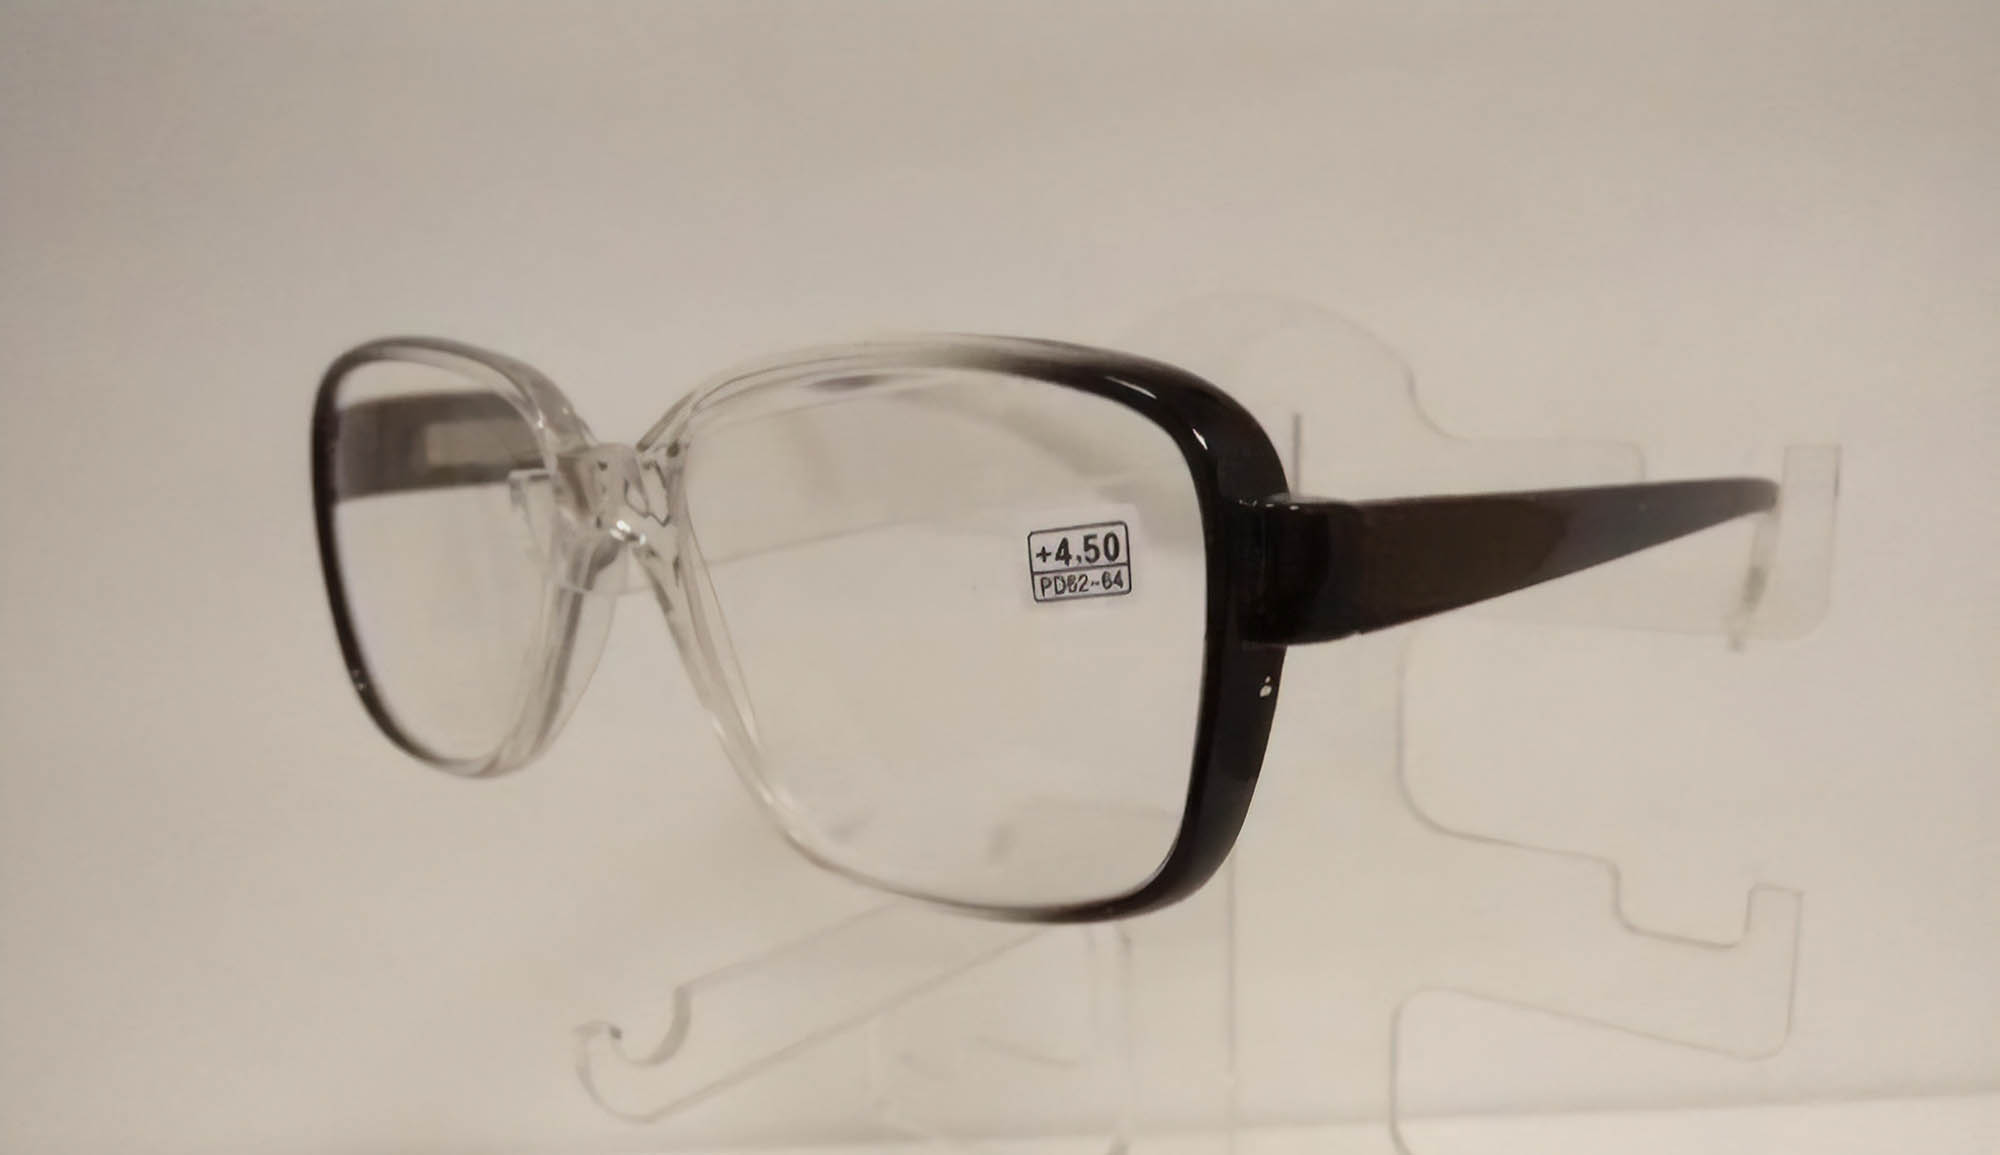 Готовые мужские очки Boshi 868 стоят 200 р.. Подойдут на межзрачковое  расстояние 62— 33182fdef66